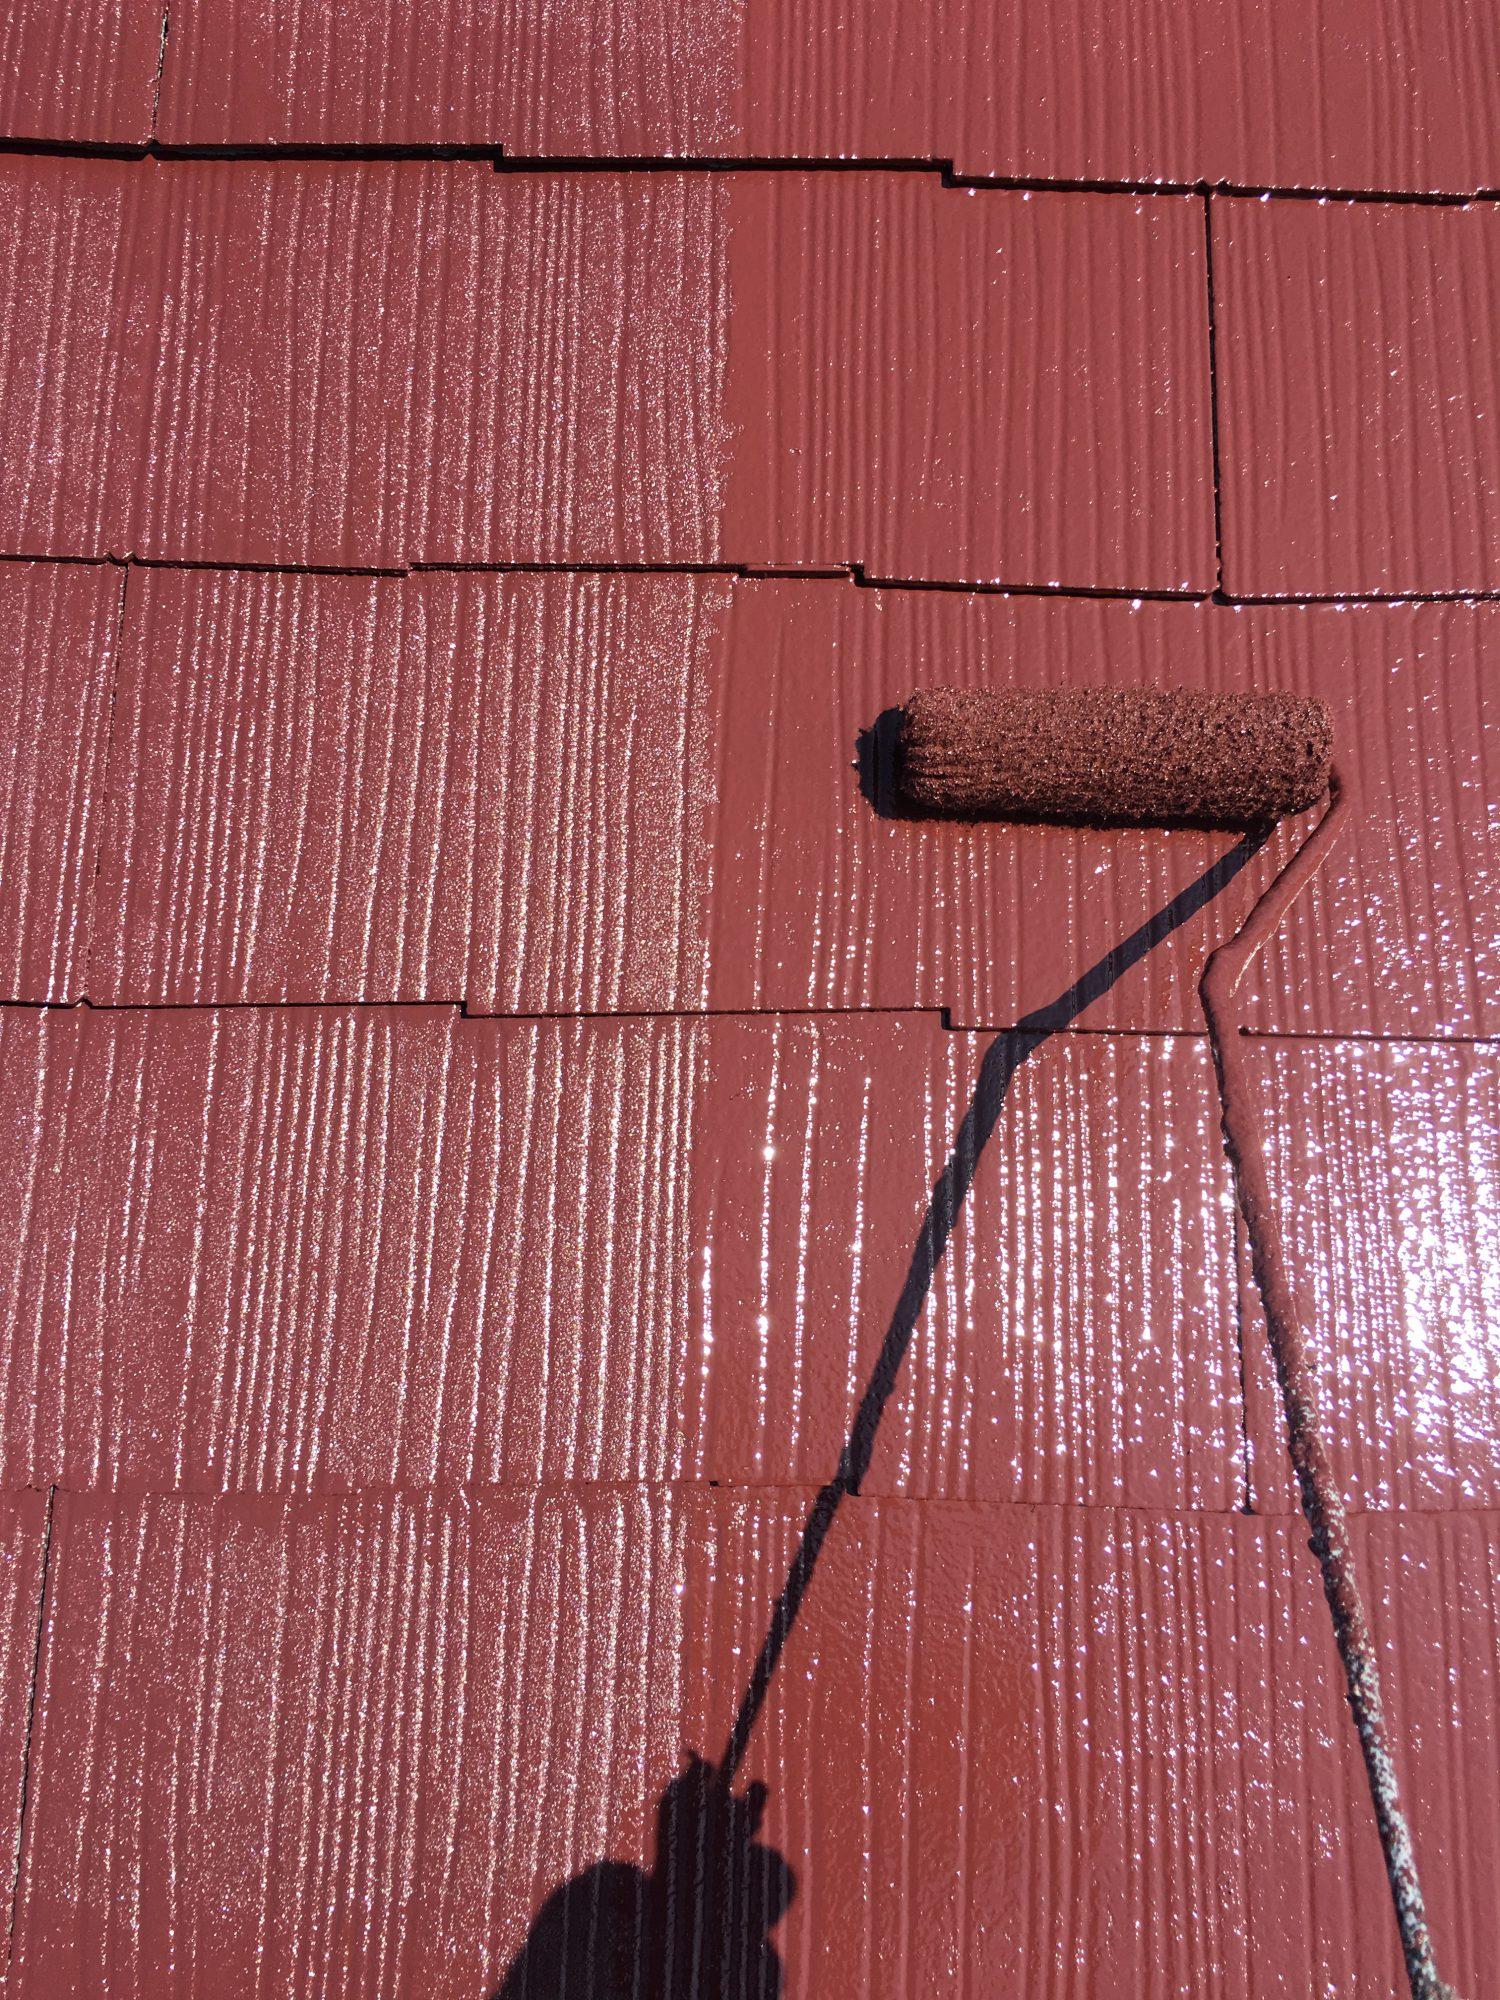 勝浦市興津久保山台O様邸屋根•外壁塗装工事